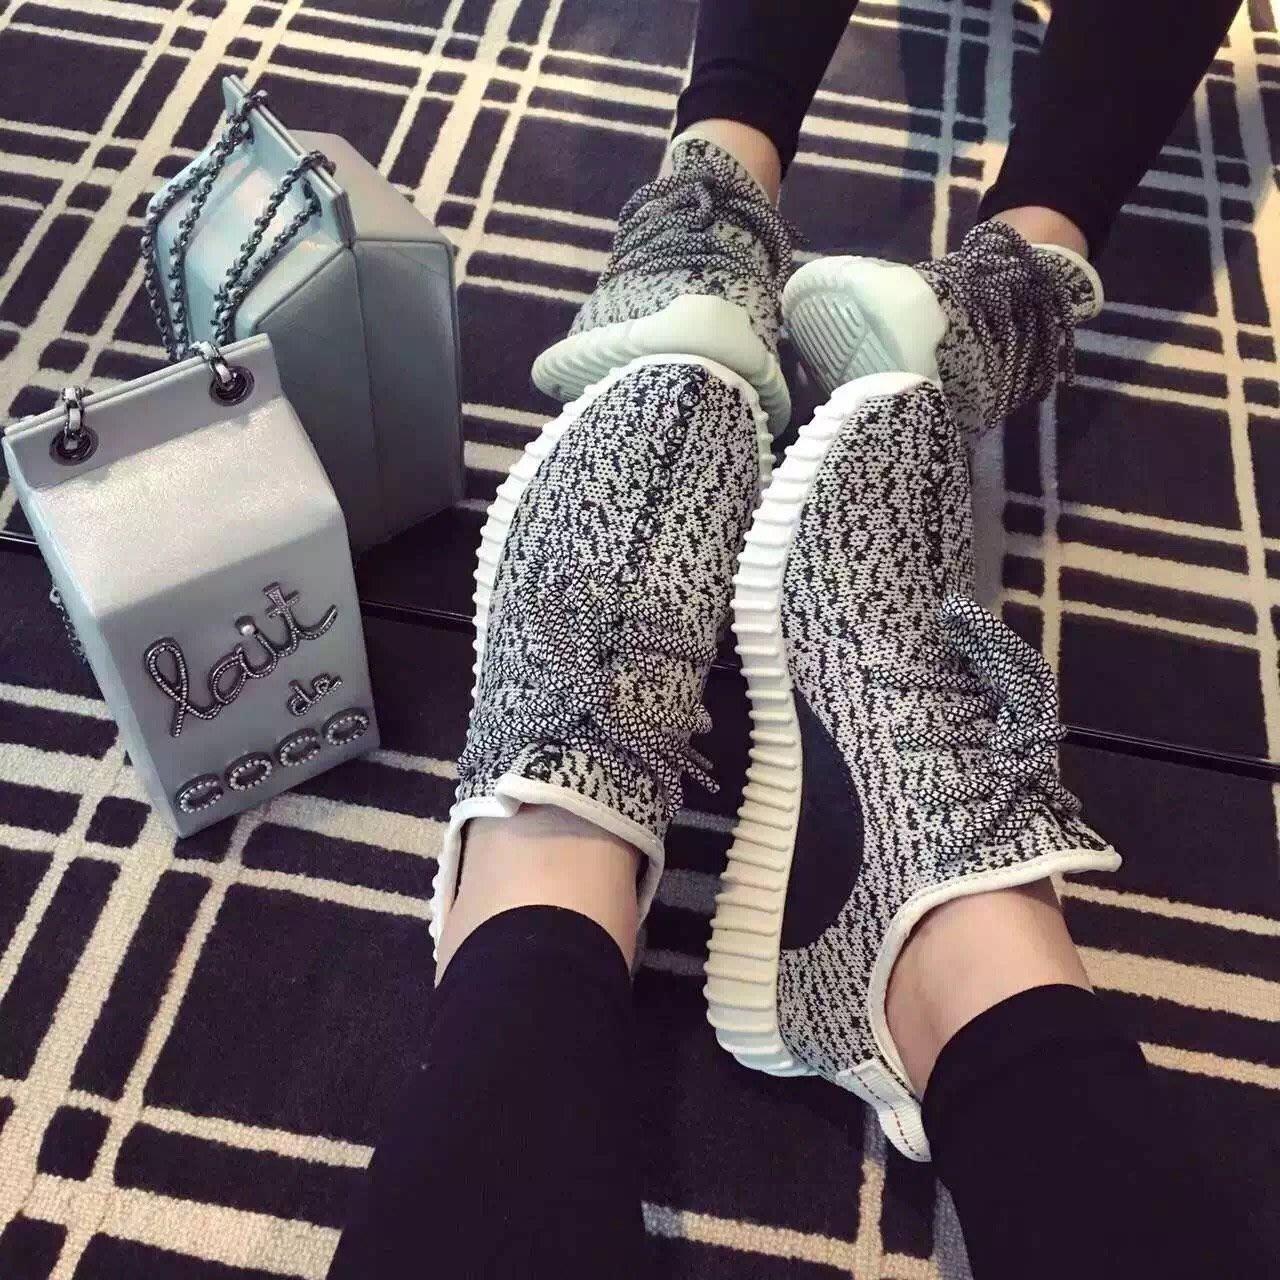 慢跑鞋 情侶鞋 余文樂 潮人必備款休閒系帶運動鞋